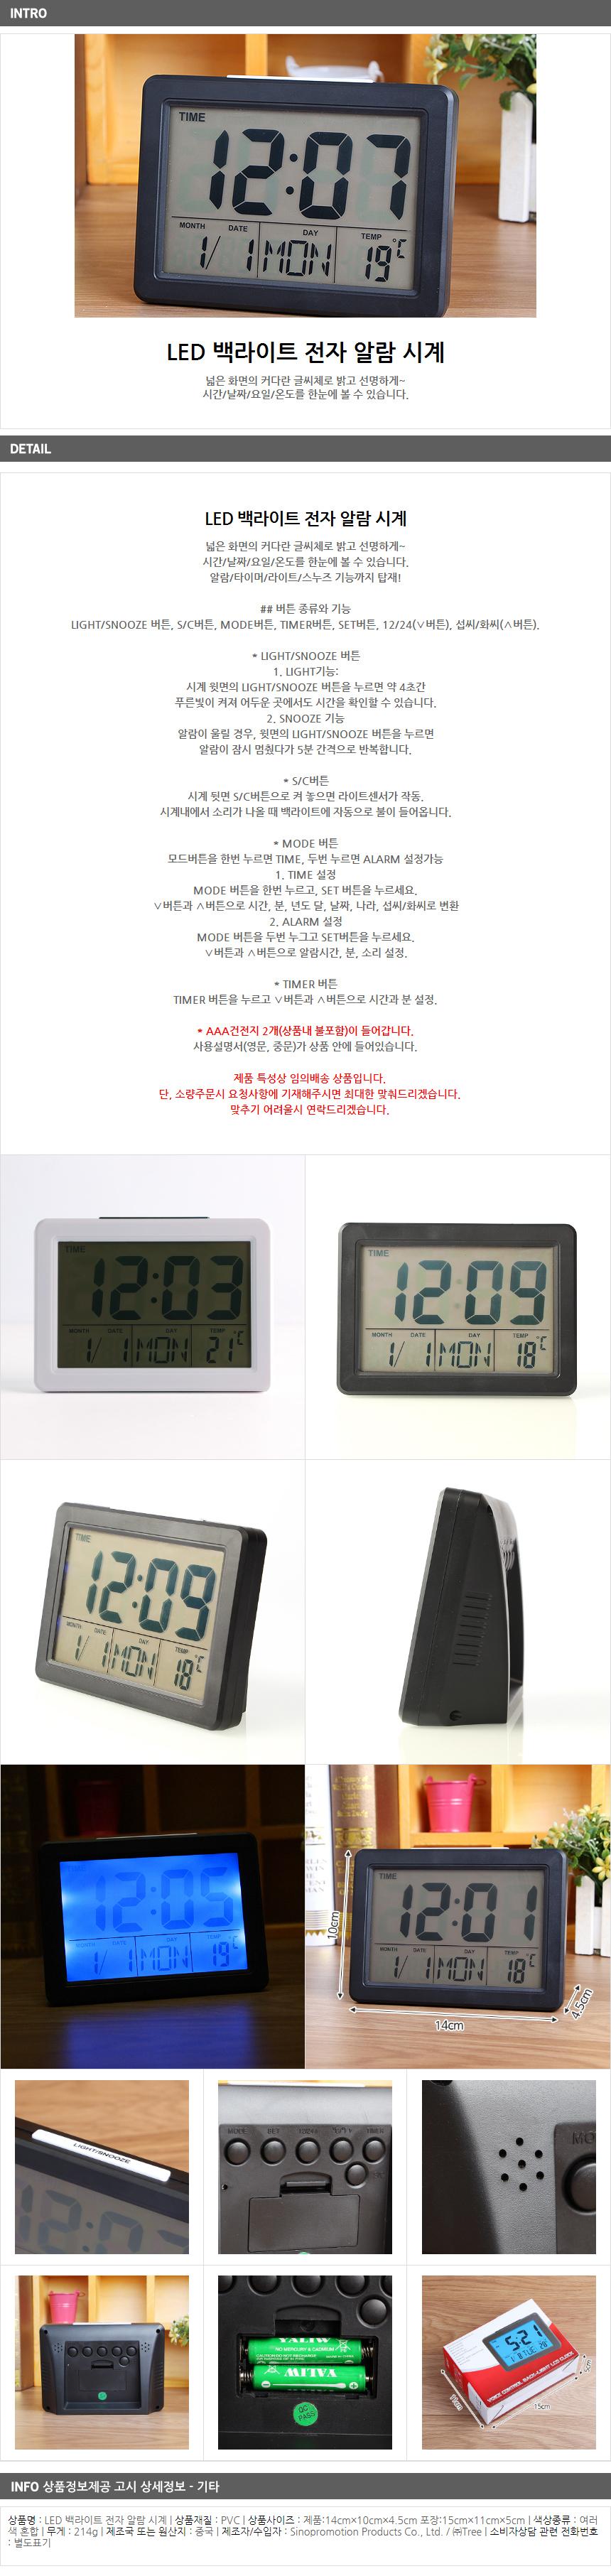 LED 백라이트 디지털 탁상시계/알람시계 무소음시계 - 기프트갓, 13,600원, 알람/탁상시계, LED/디지털시계